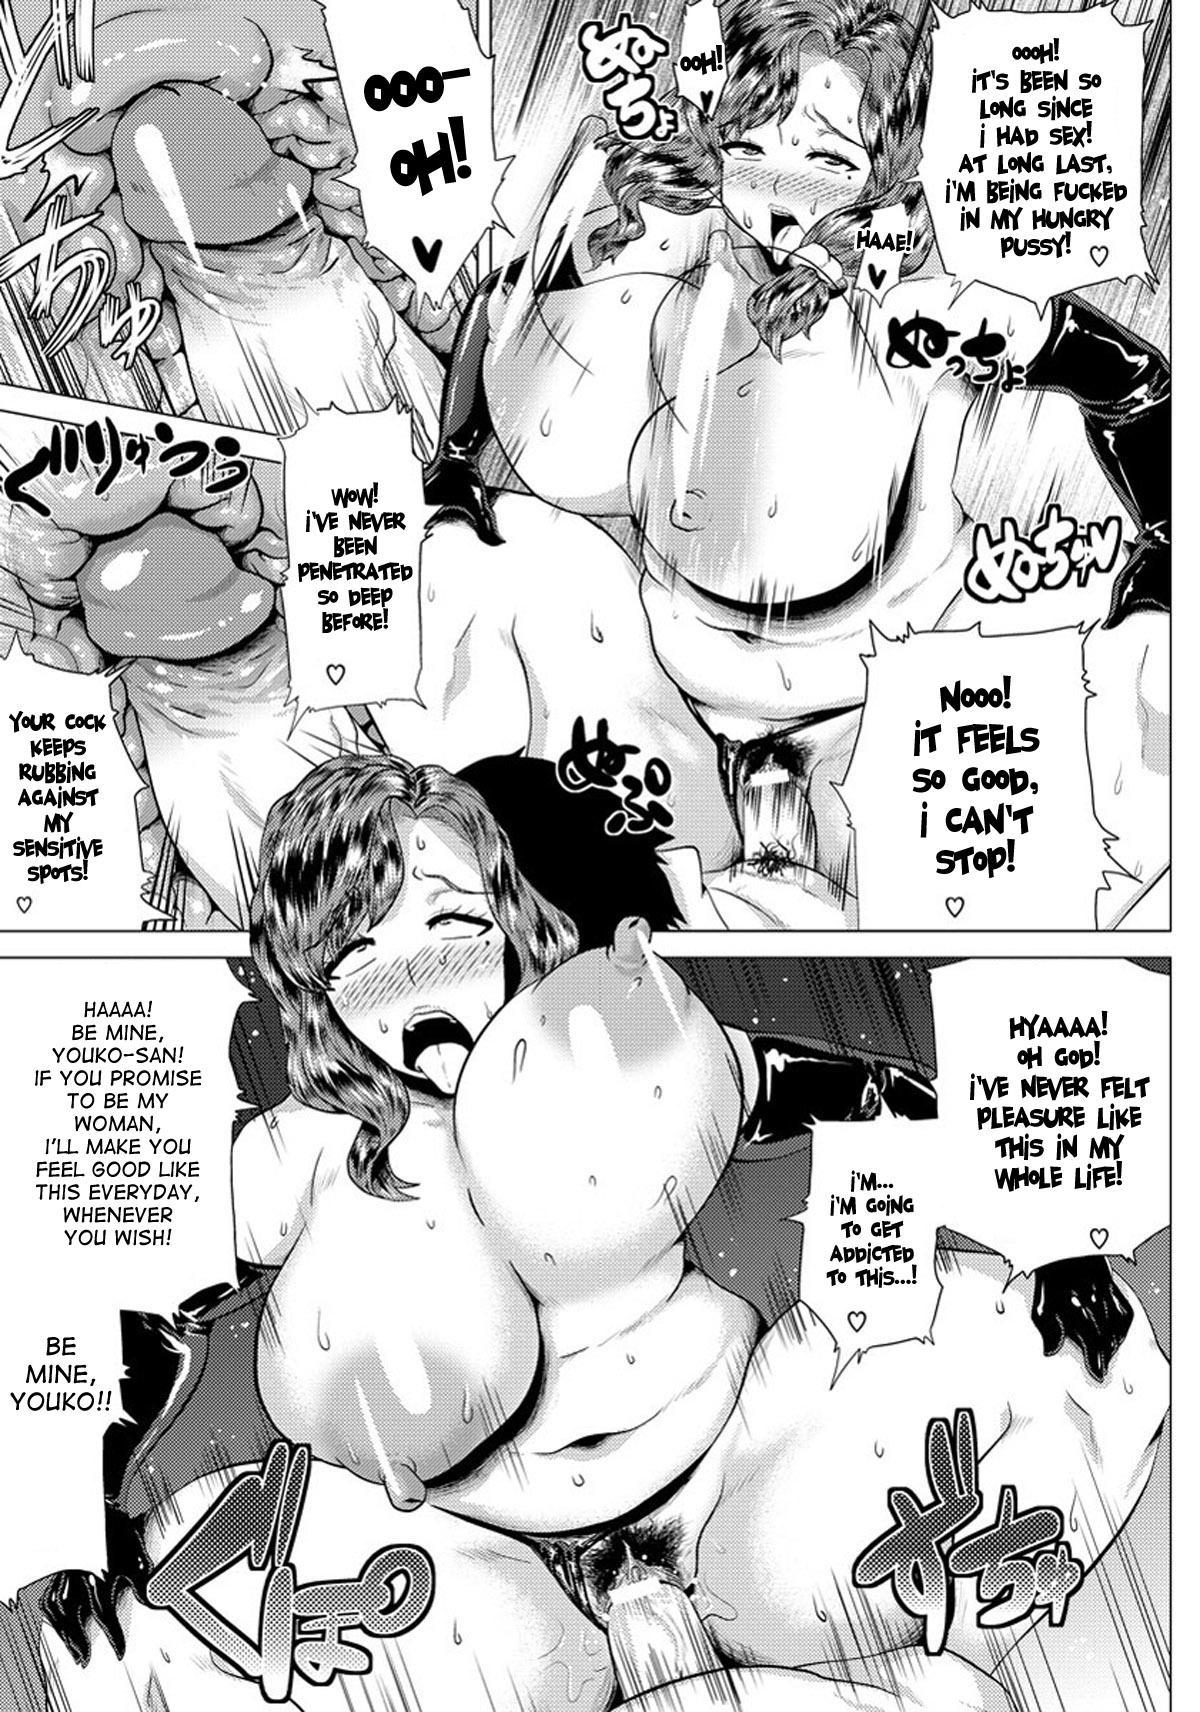 [Yokkora] Megabody Night ~Watashi no Oniku wo Meshiagare~ | Megabody Night ~My voluptuous body & mom love~ [English] {Laruffi + desudesu + EHCOVE} 63